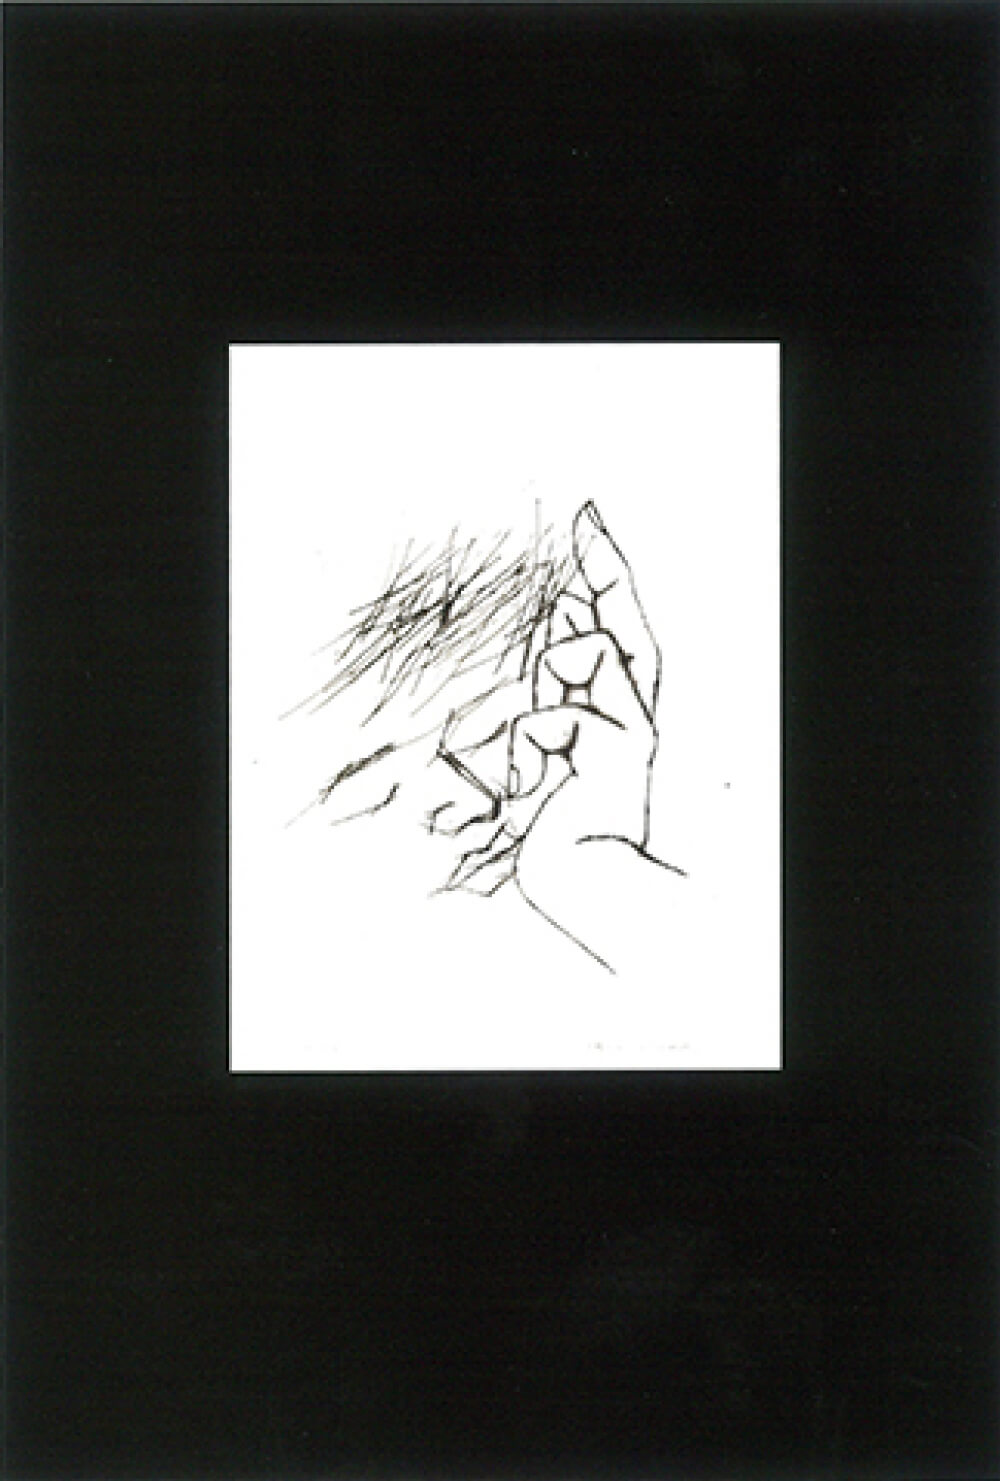 2016年9月24日から開催の「浅野 弥衛 抽象画展」の浅野 弥衛のDM